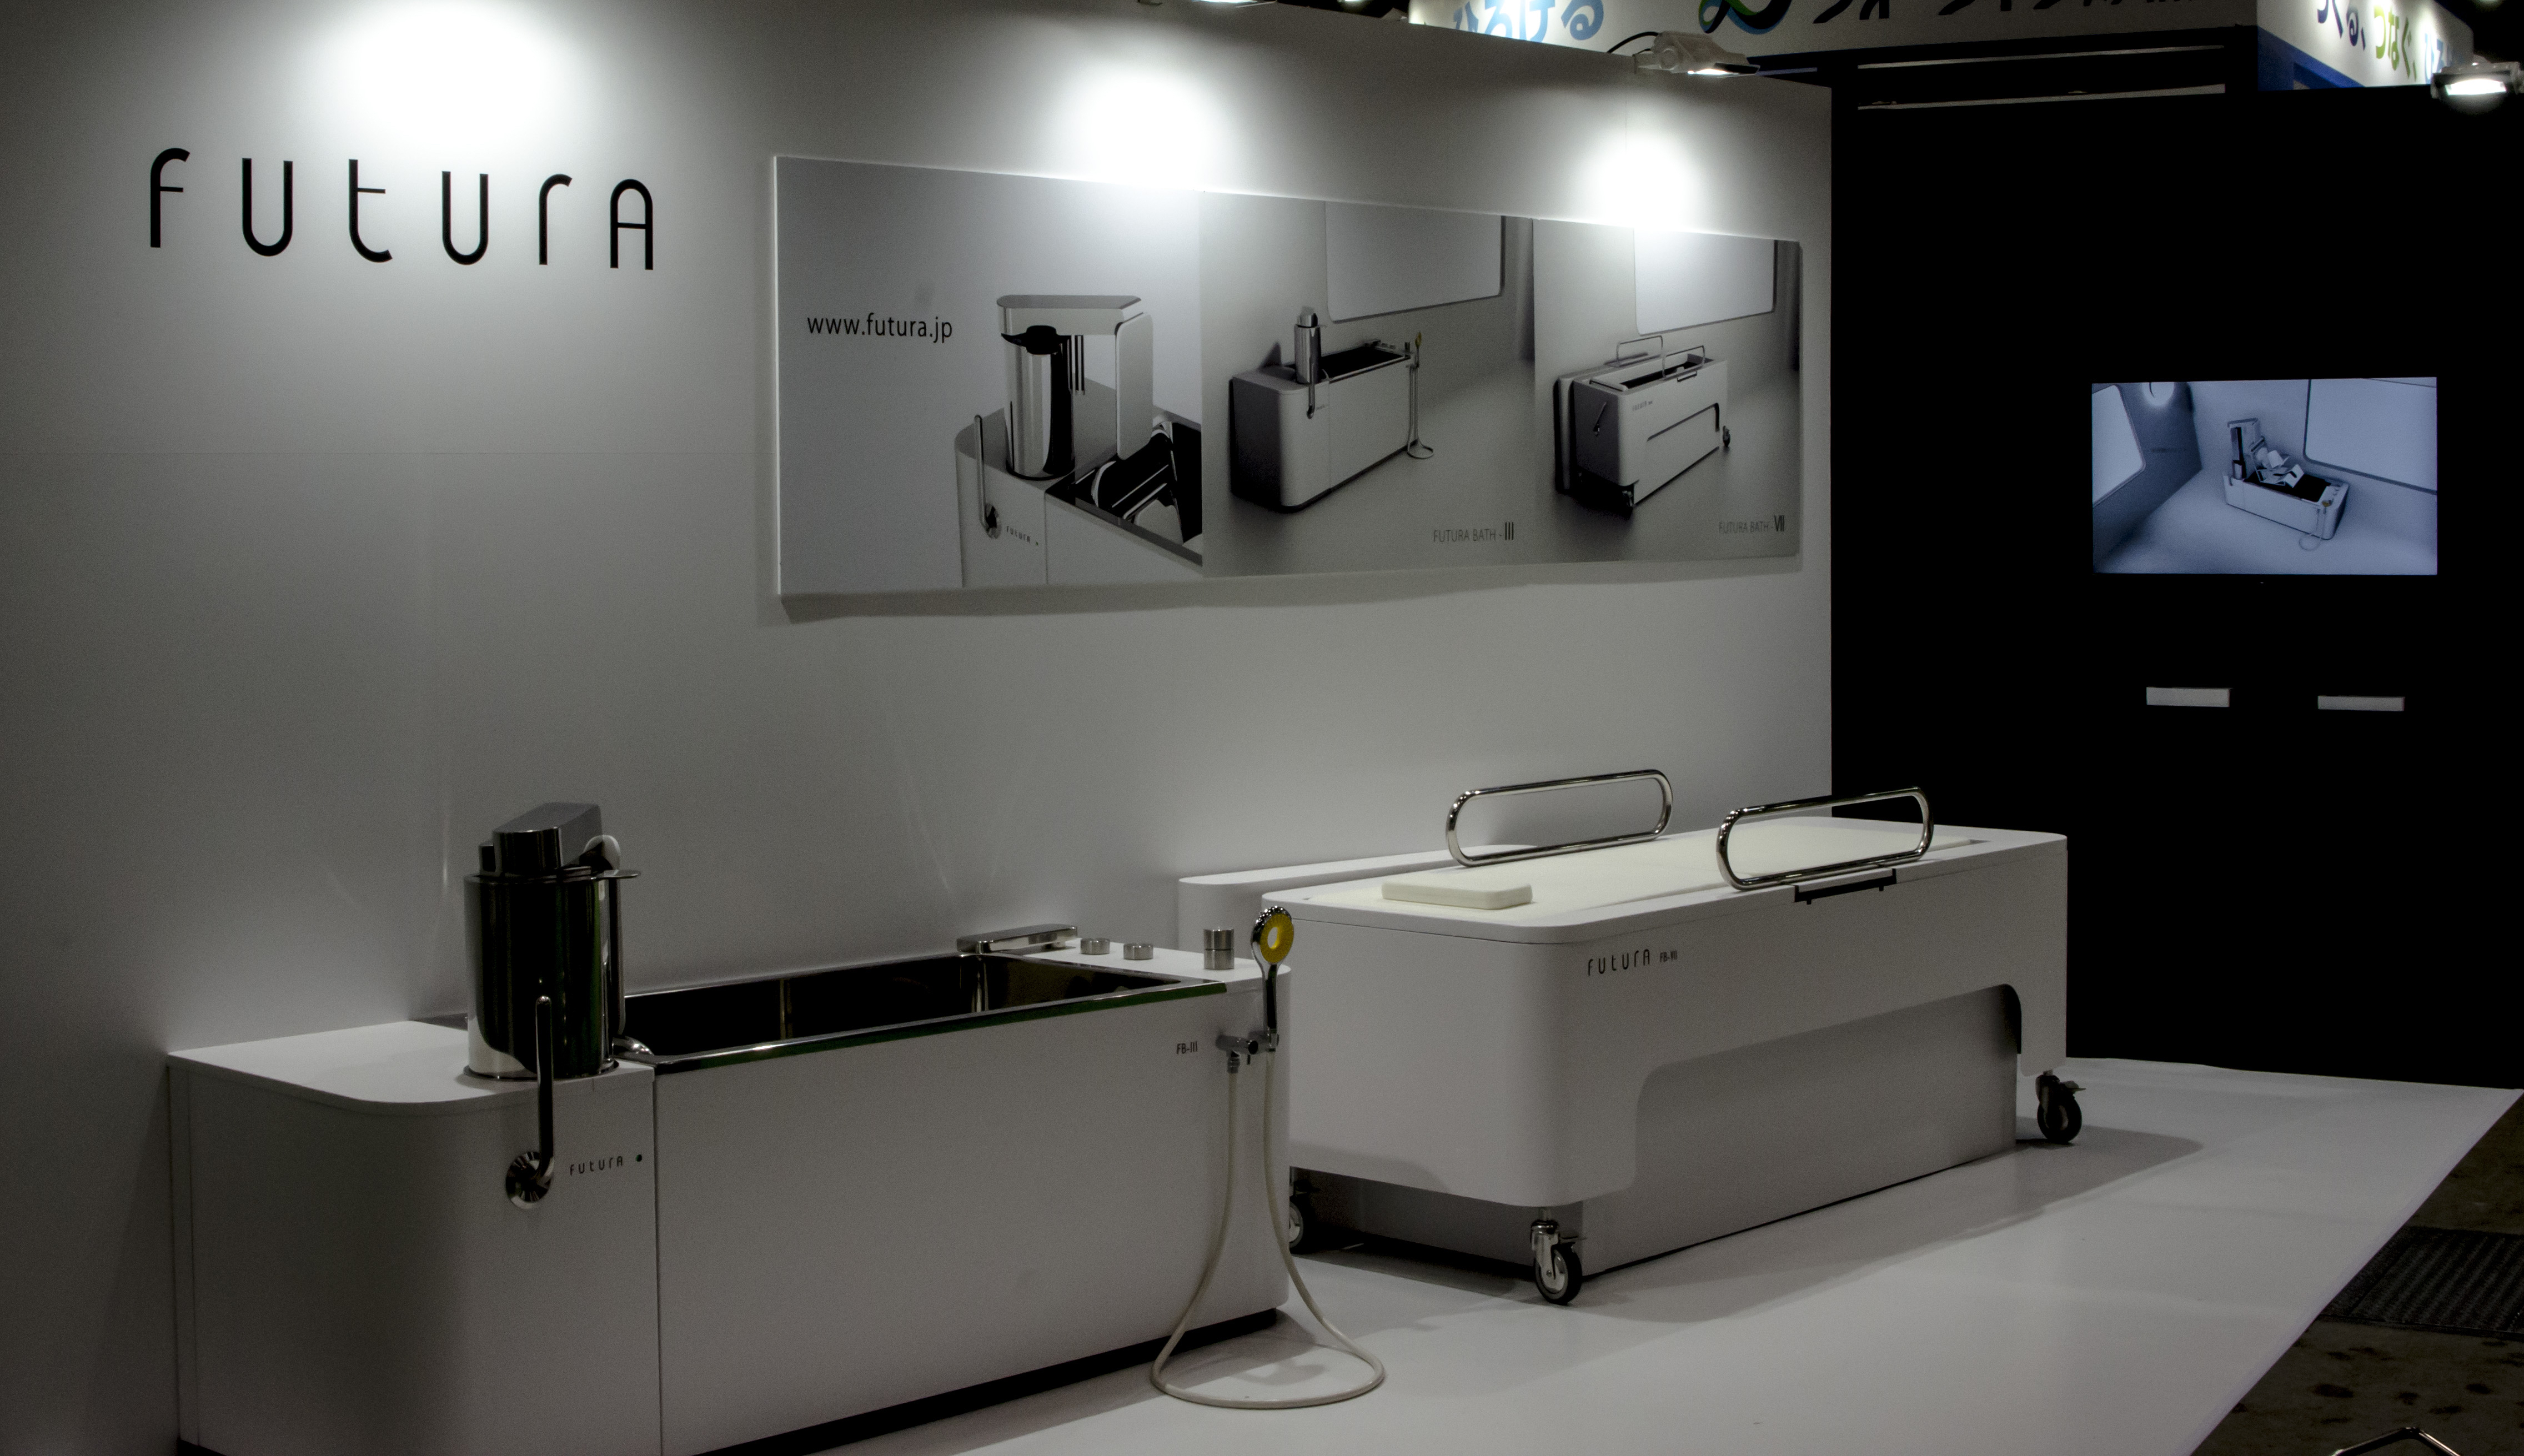 フツラ 国際福祉機器展